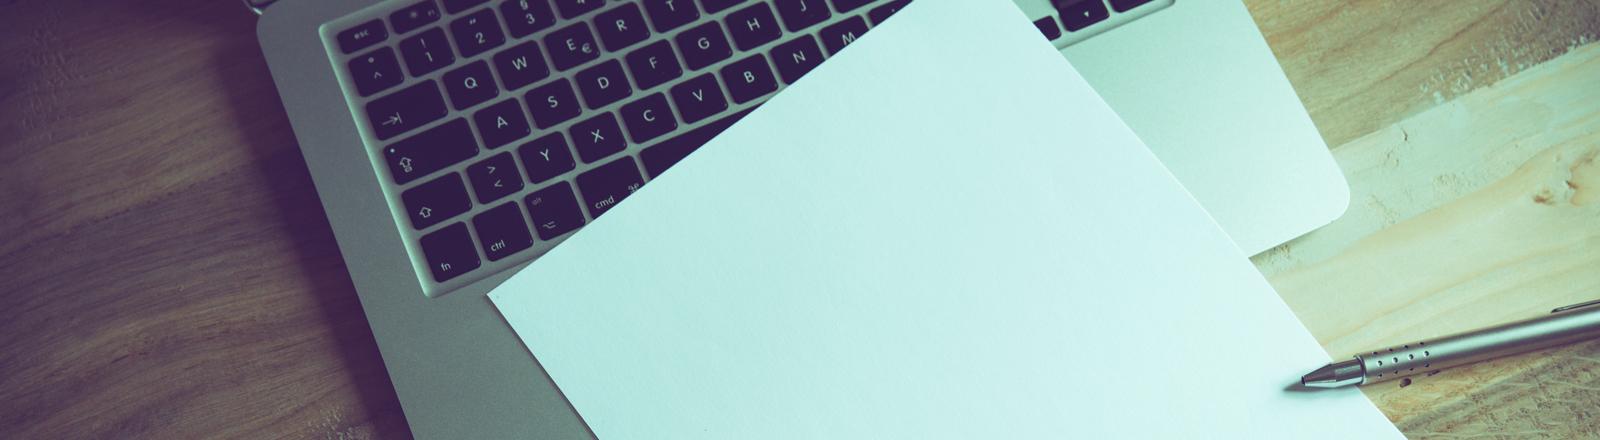 Laptop und ein Blatt Papier.